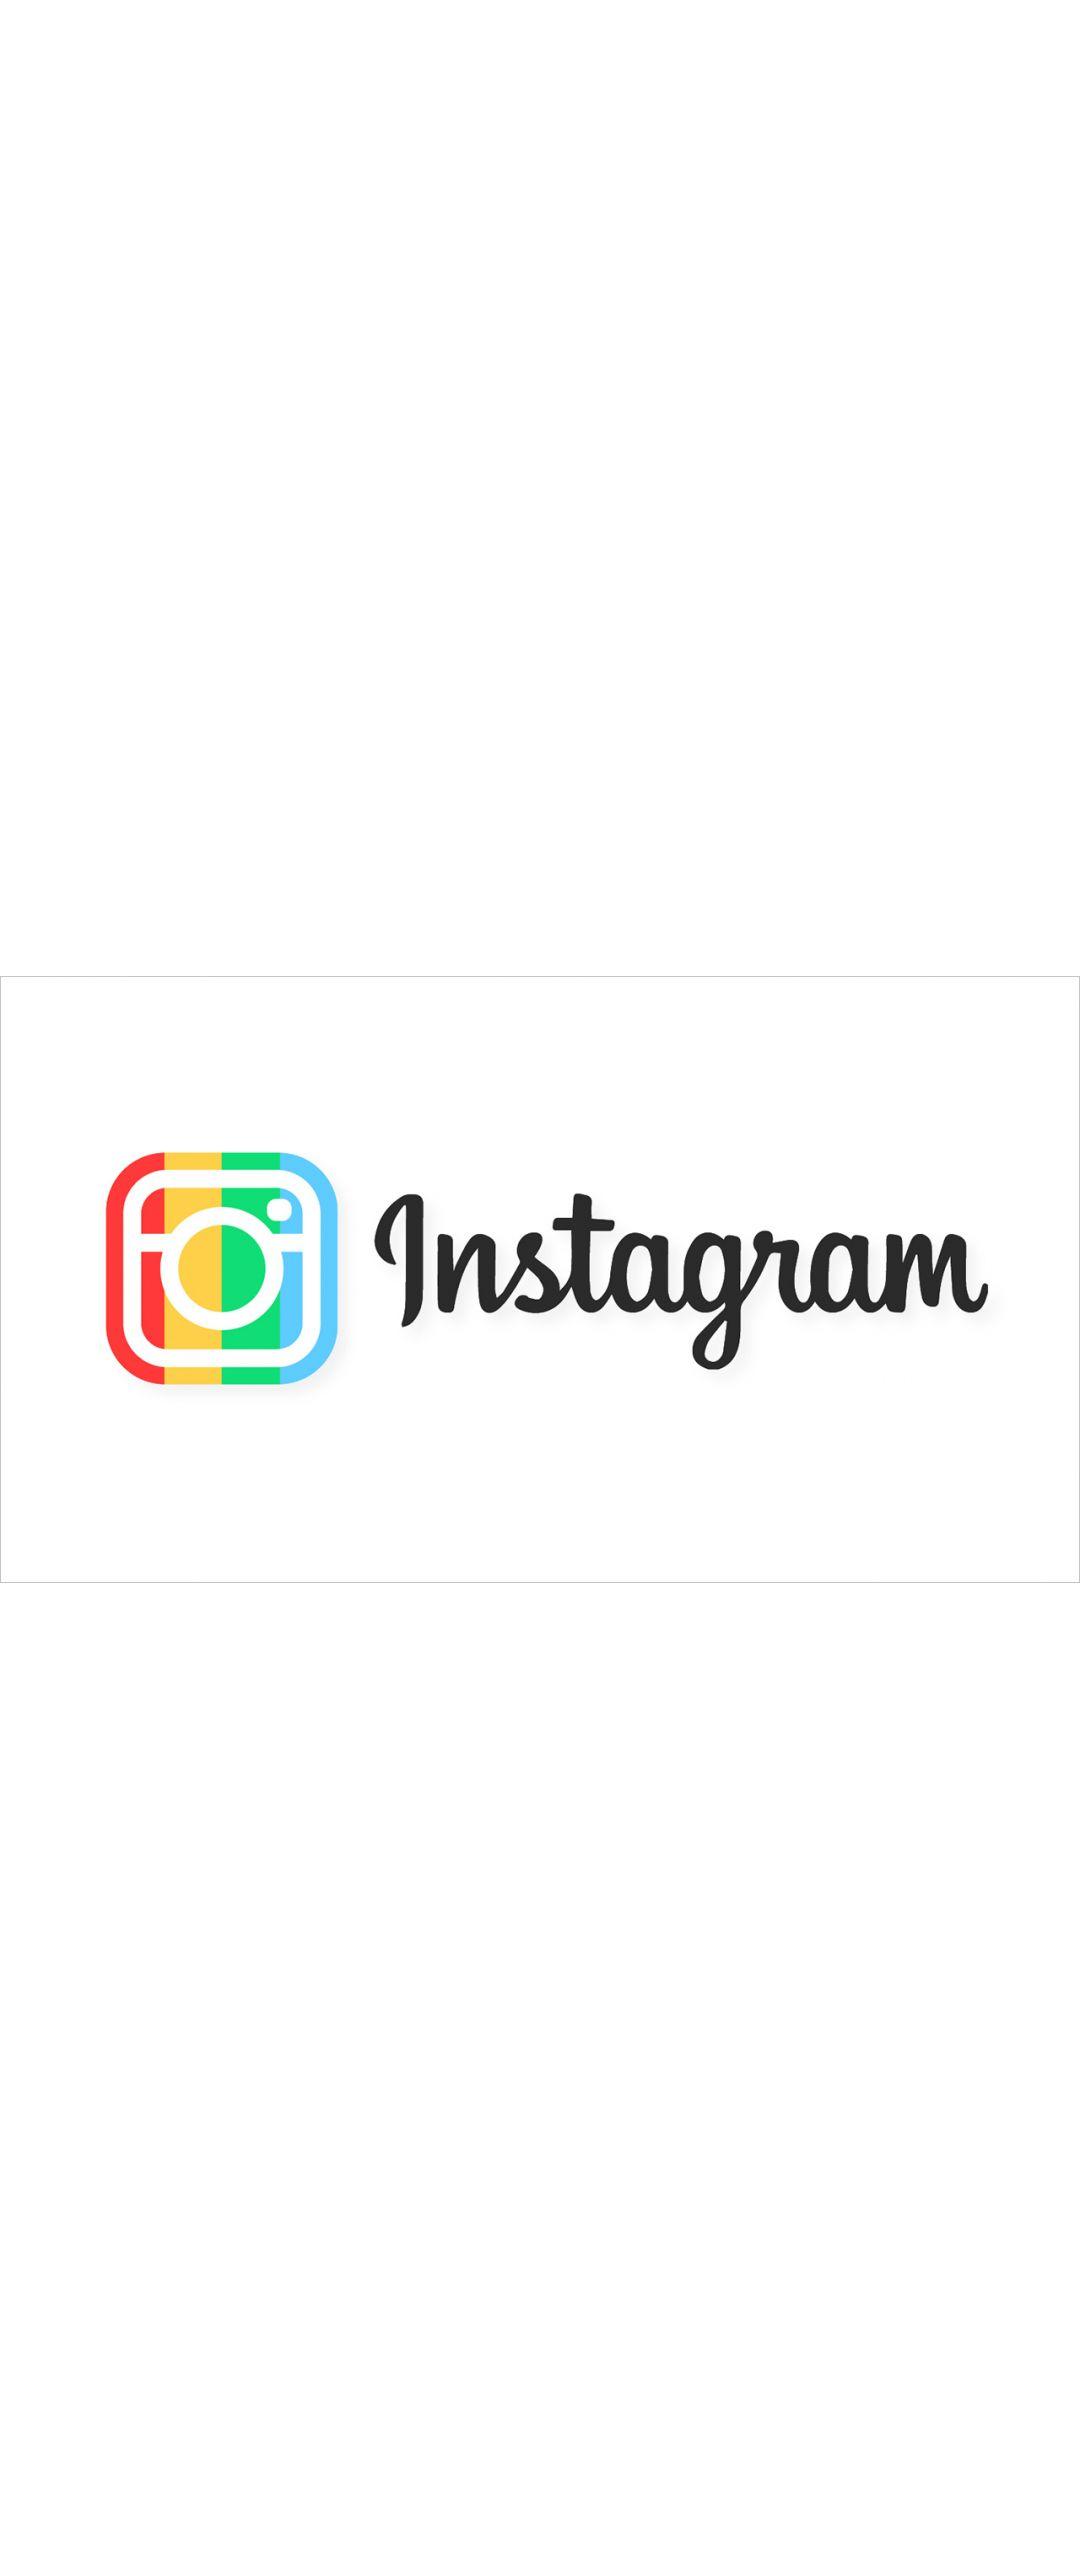 Instagram te recomendar� canales de videos seg�n tus gustos